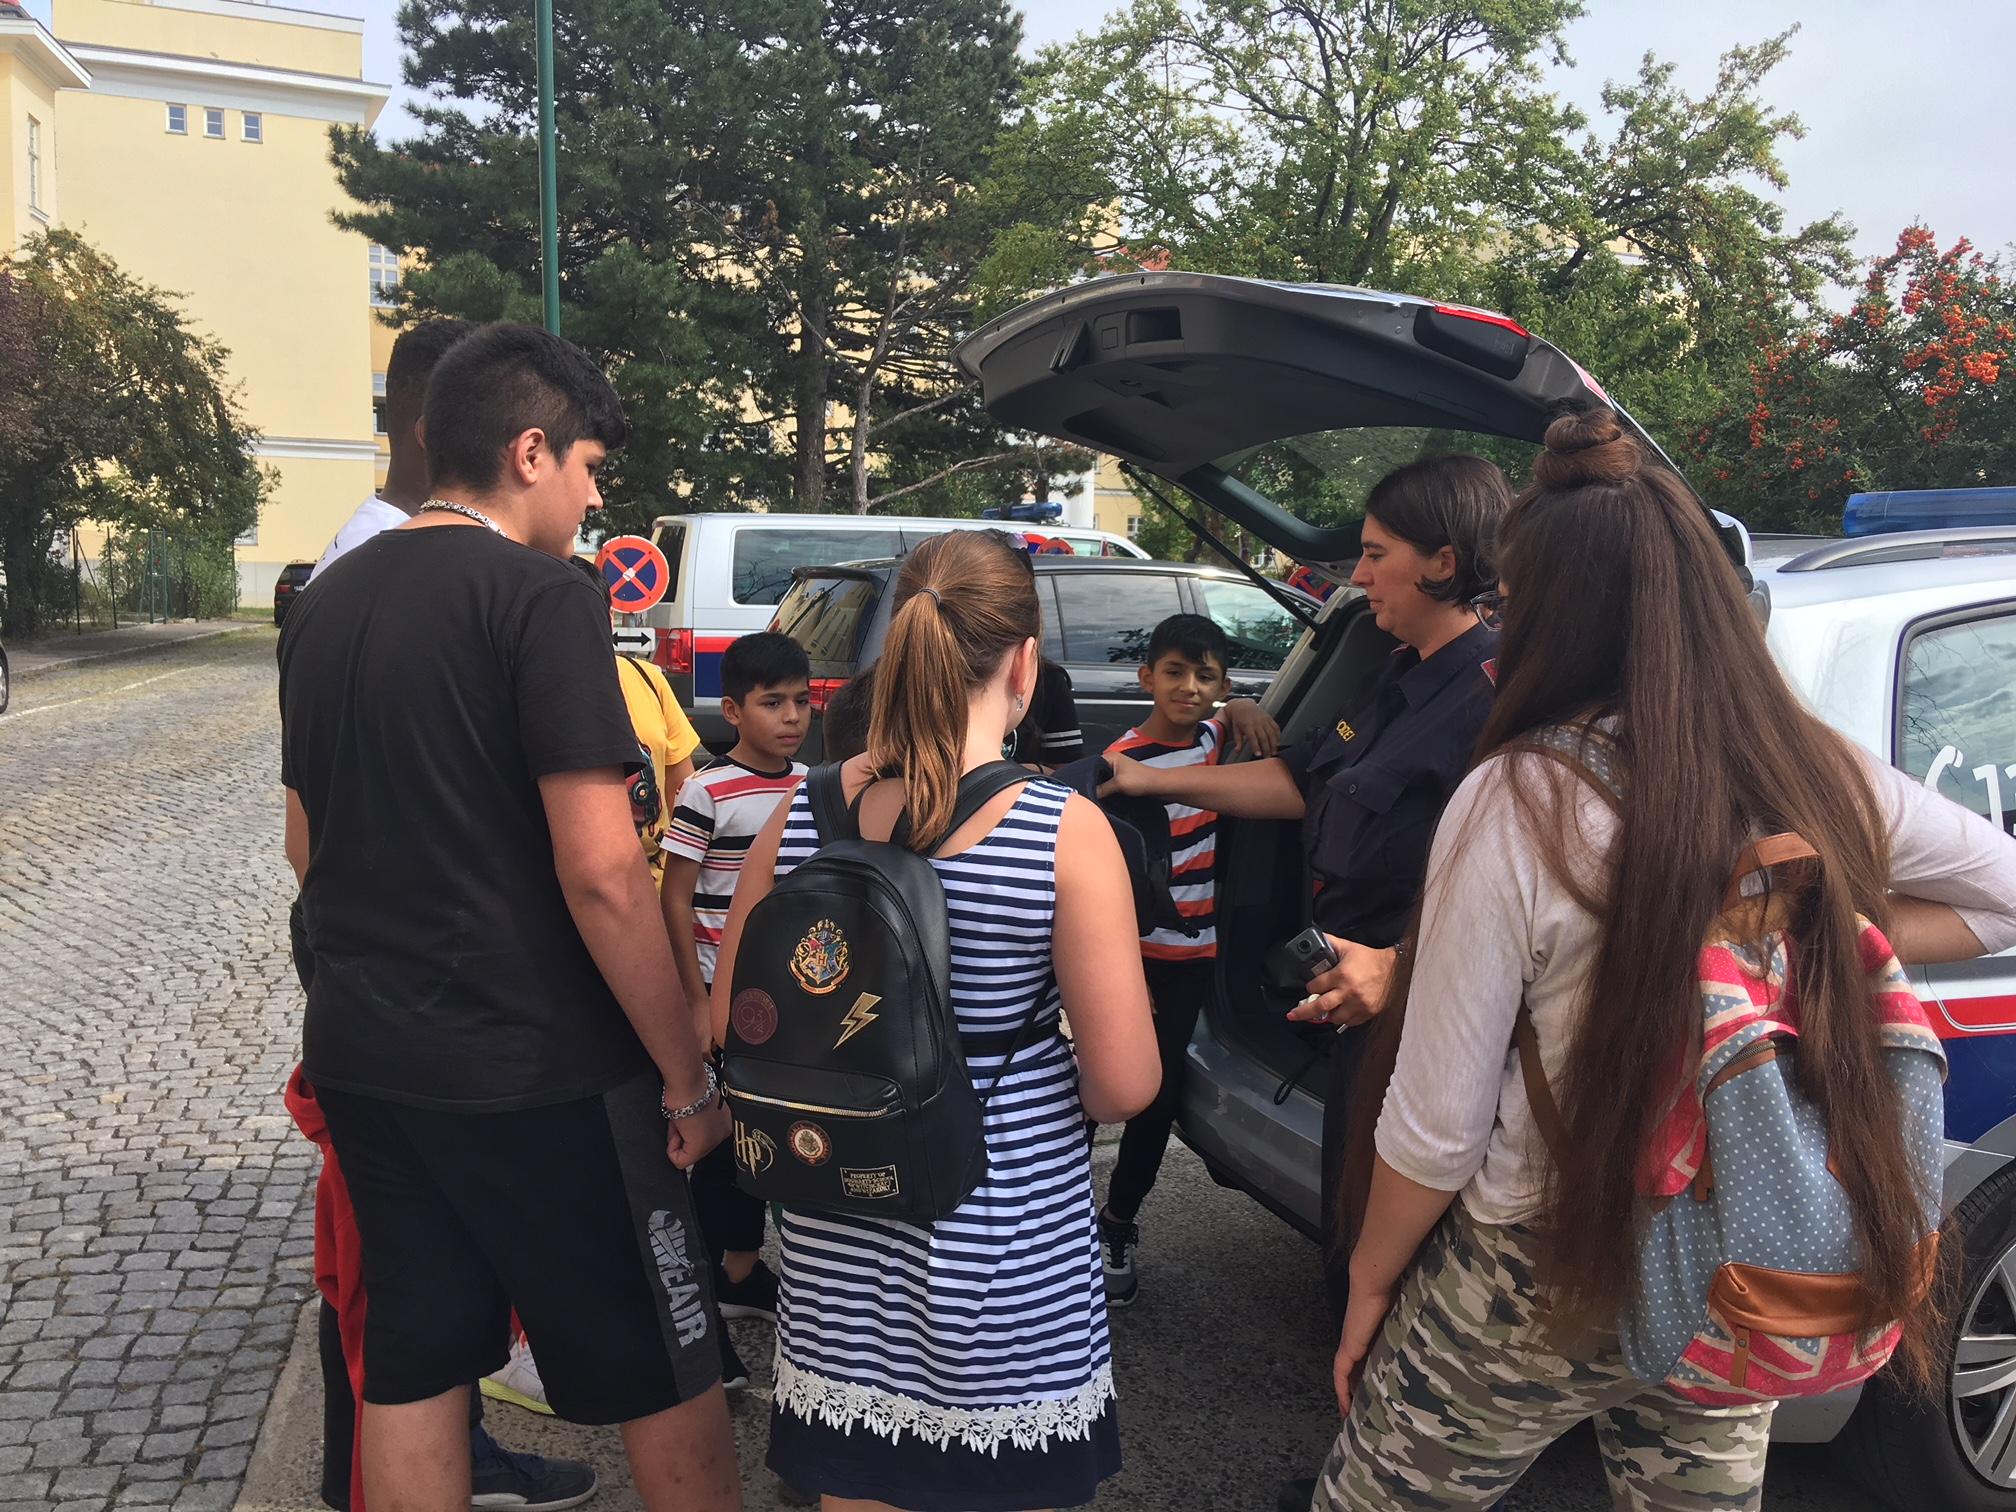 Gruppe vorm Polizeiauto 2